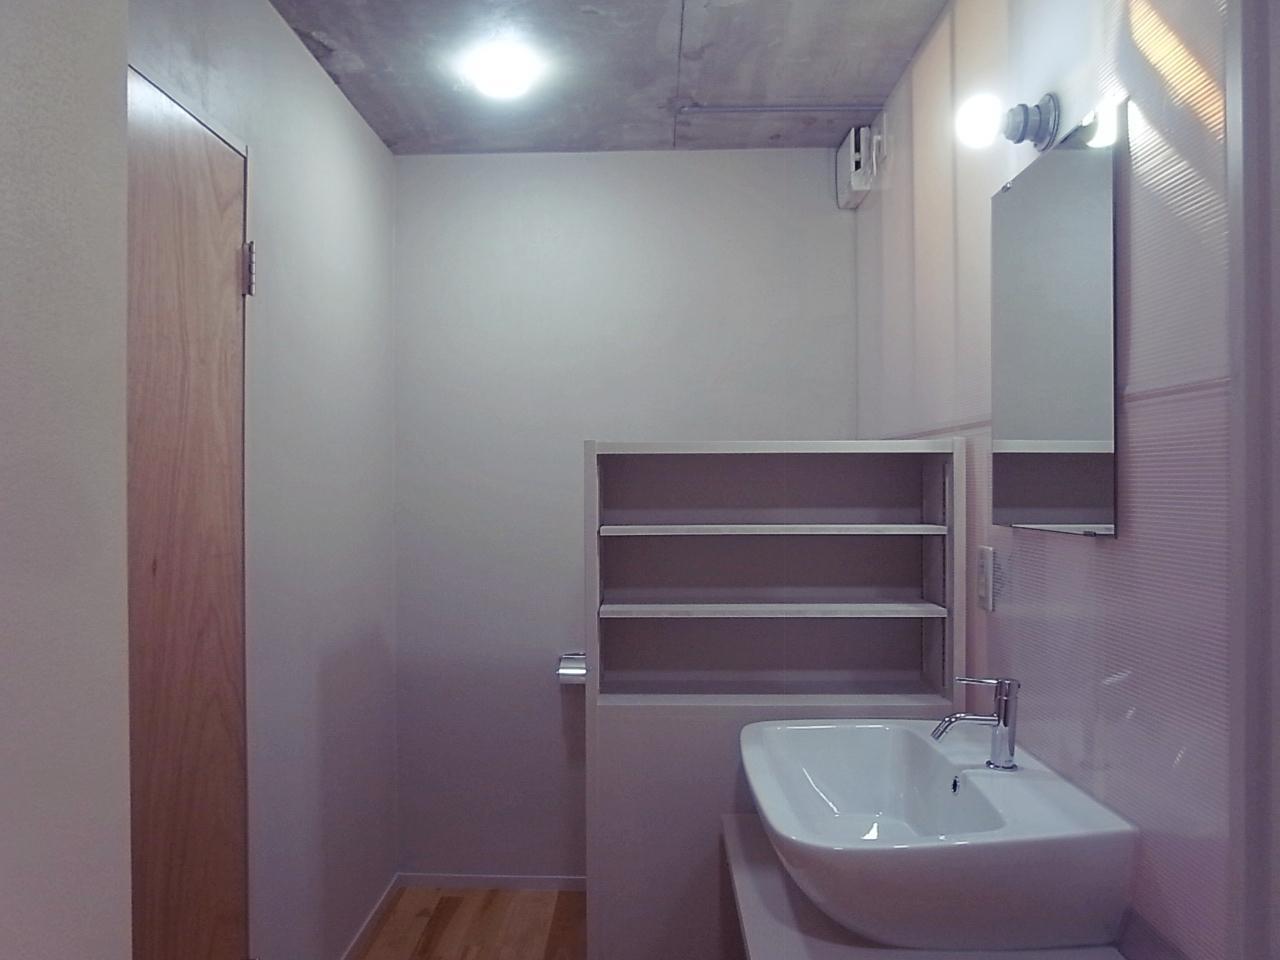 洗面脱衣所&WC。棚の奥にWCが隠れてます。